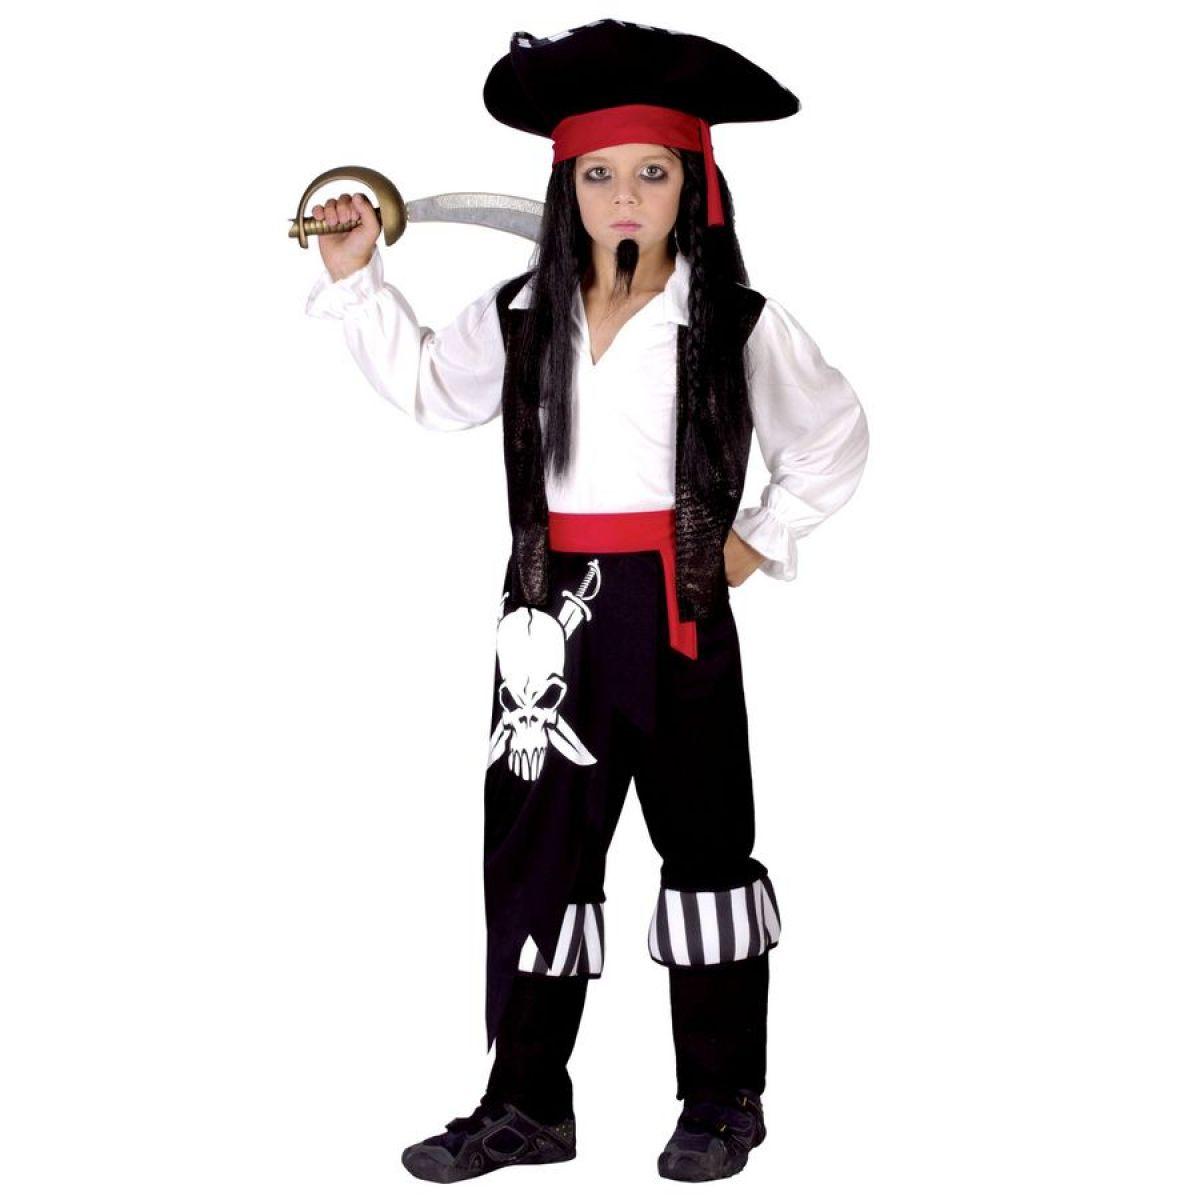 Made Detský kostým Pirát veľ. 4-6 rokov